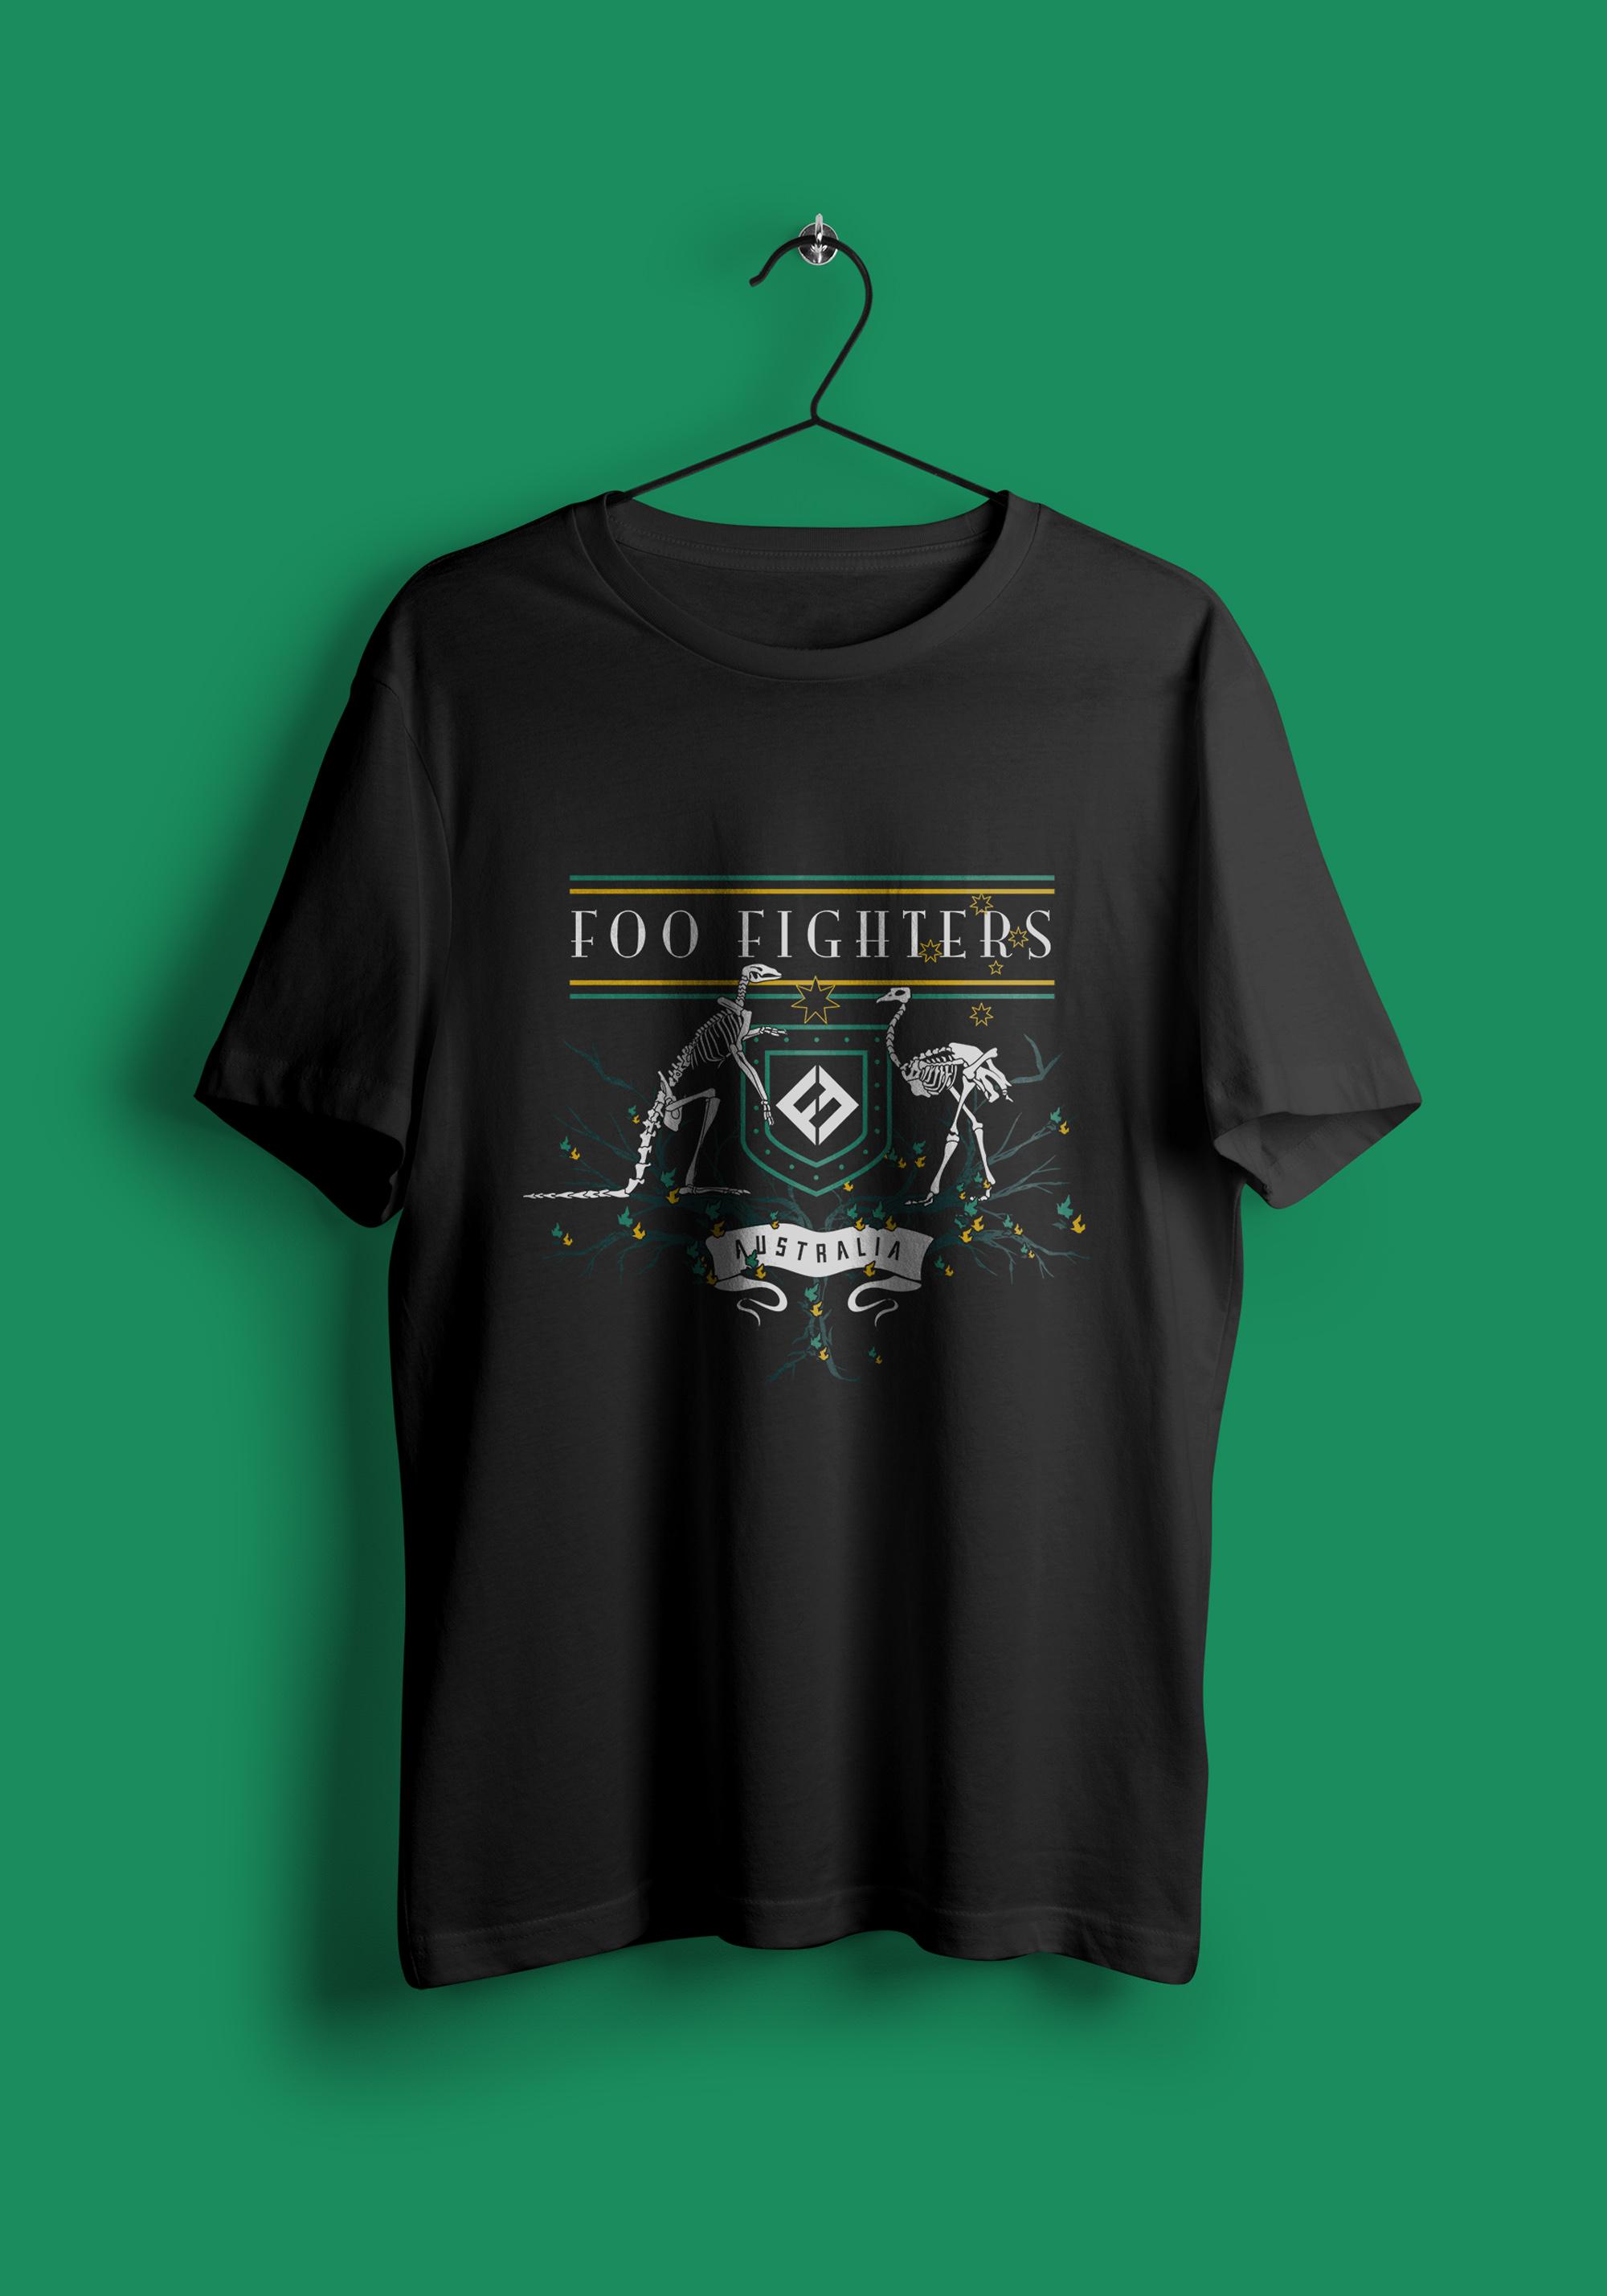 foo-fighters-australia-hanging.jpg